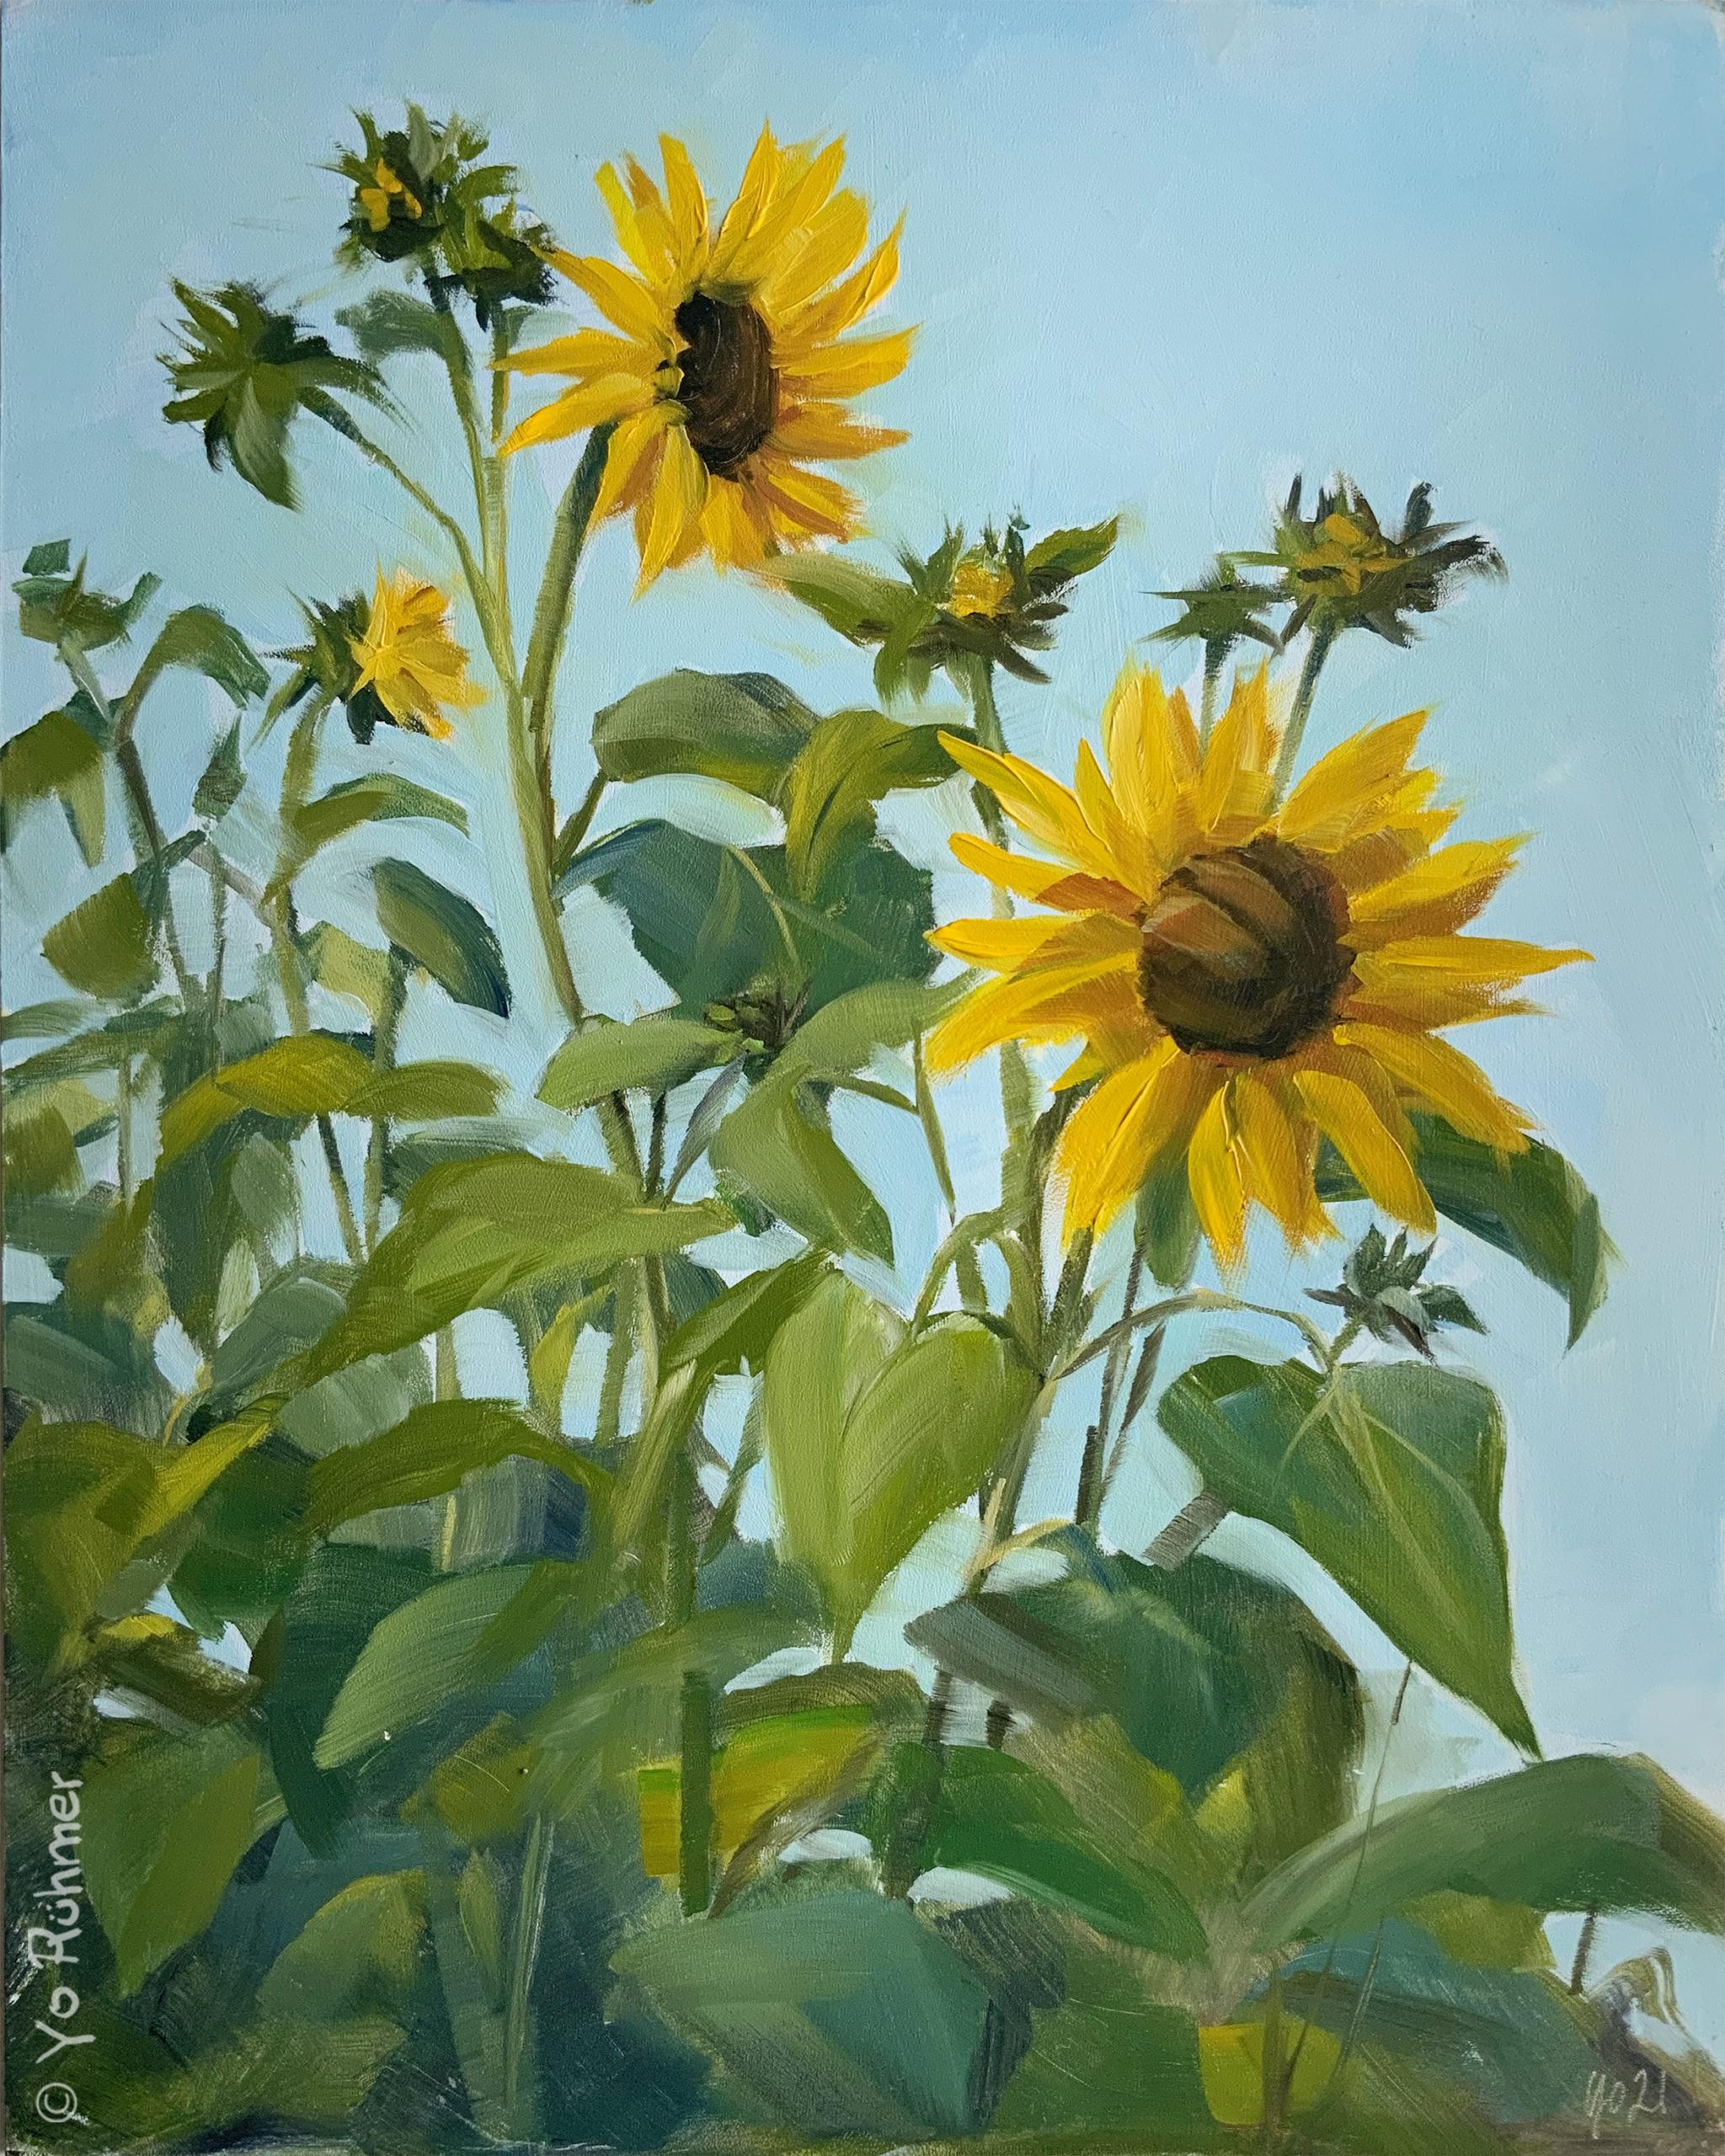 sonnenblumen-oelbild-pleinairmalerei-912